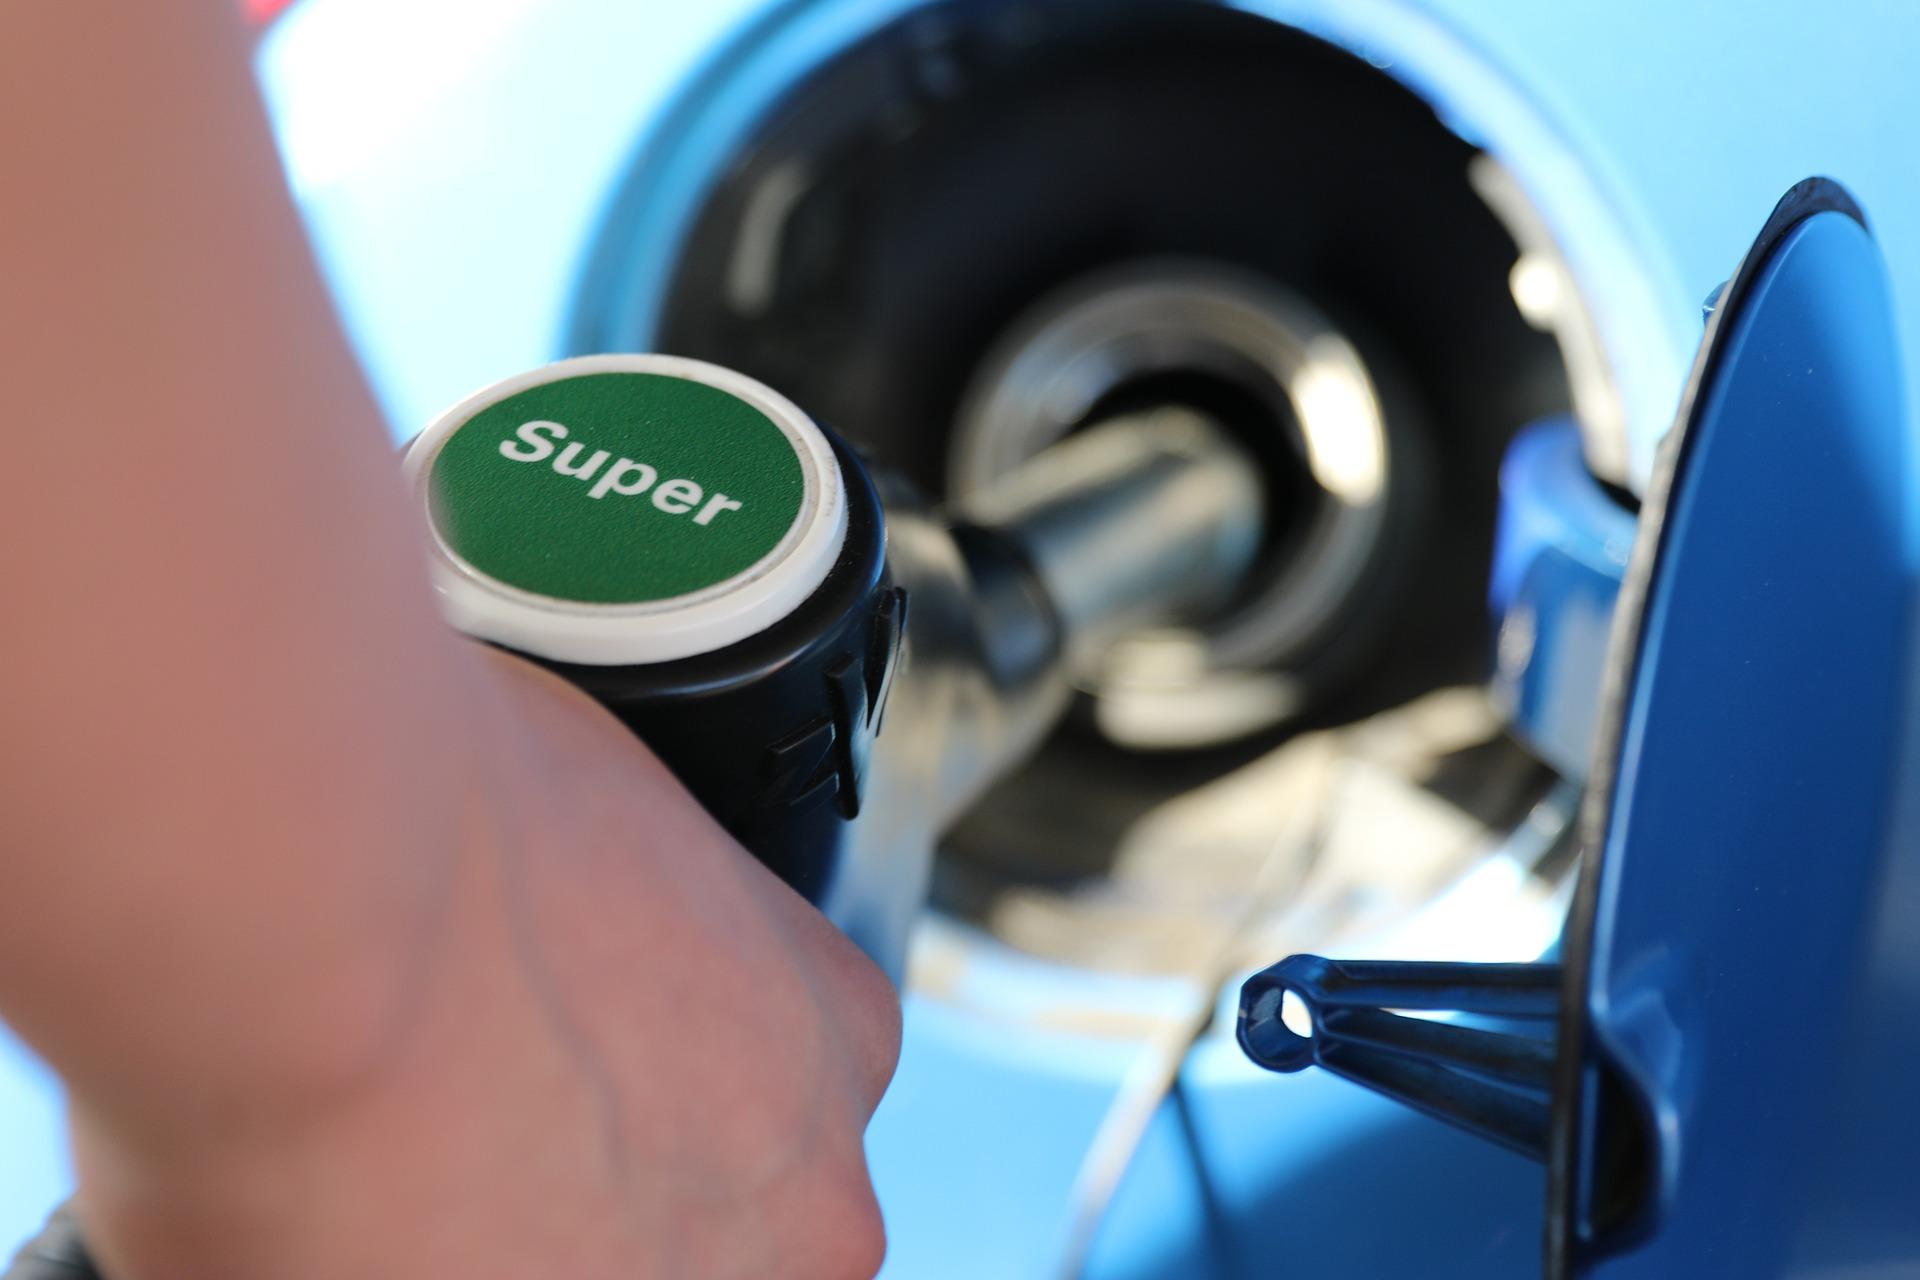 Quelle carte carburant choisir ? Notre comparatif